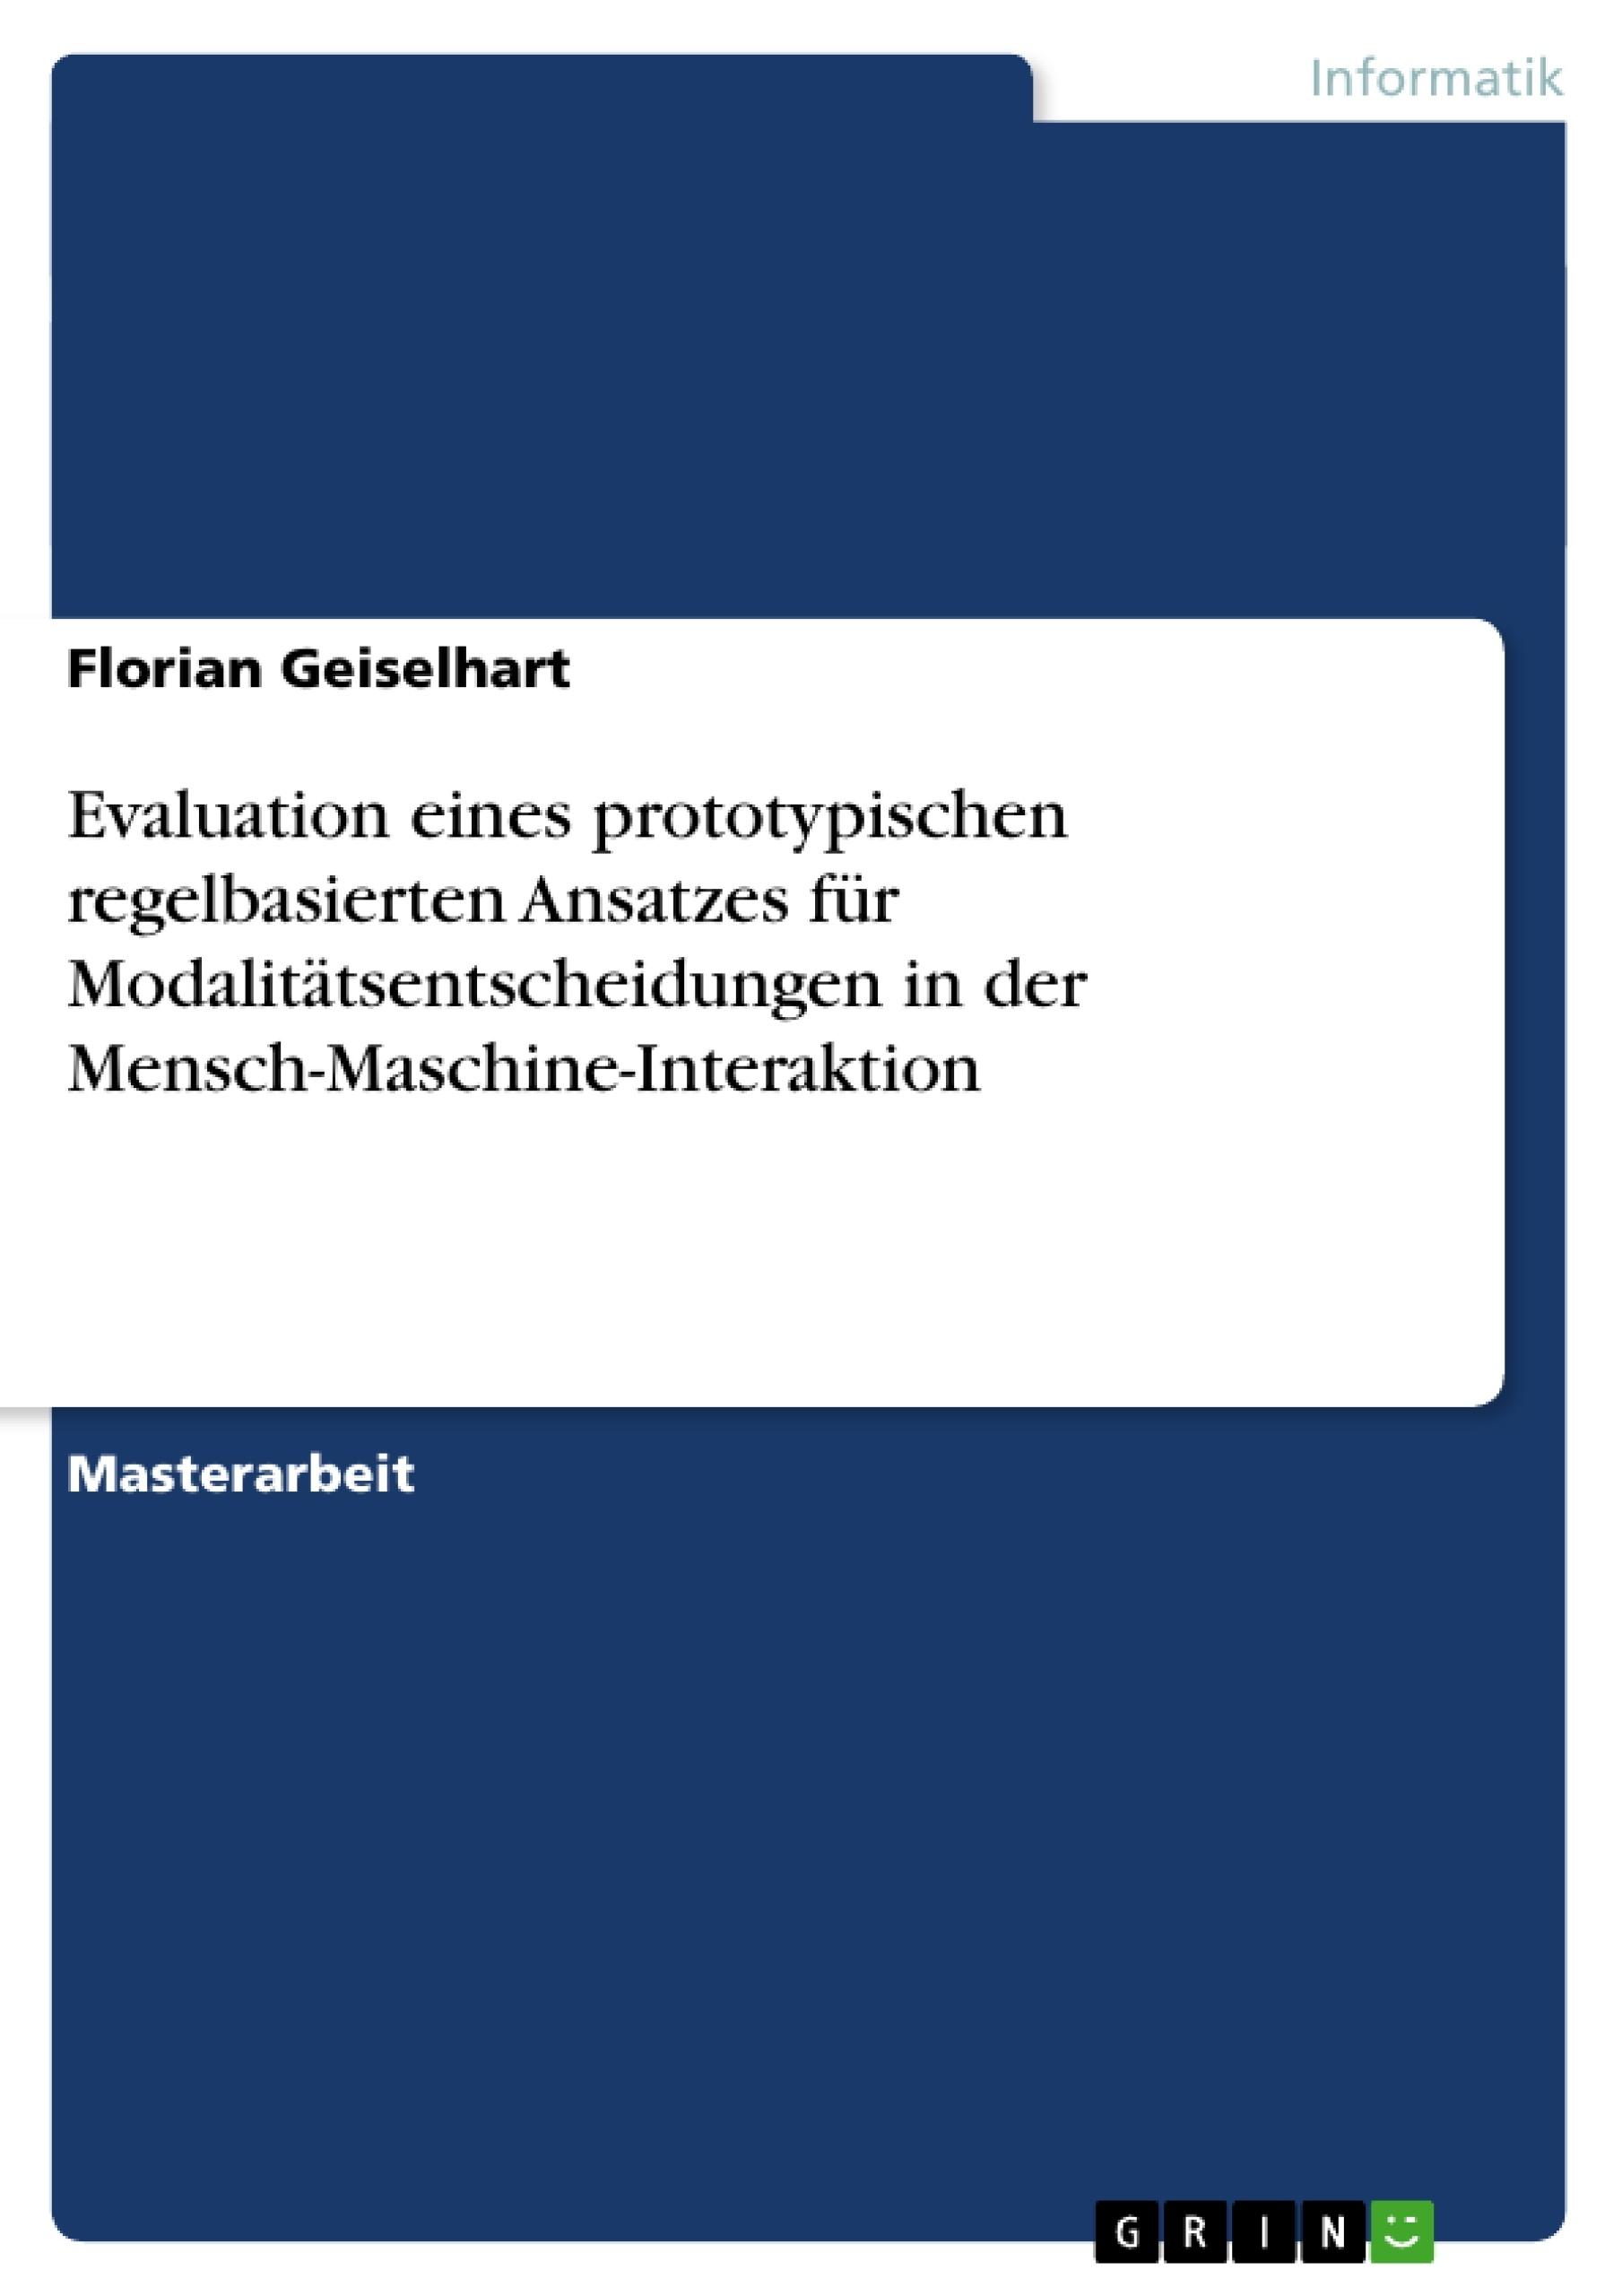 Titel: Evaluation eines prototypischen regelbasierten Ansatzes für Modalitätsentscheidungen in der Mensch-Maschine-Interaktion